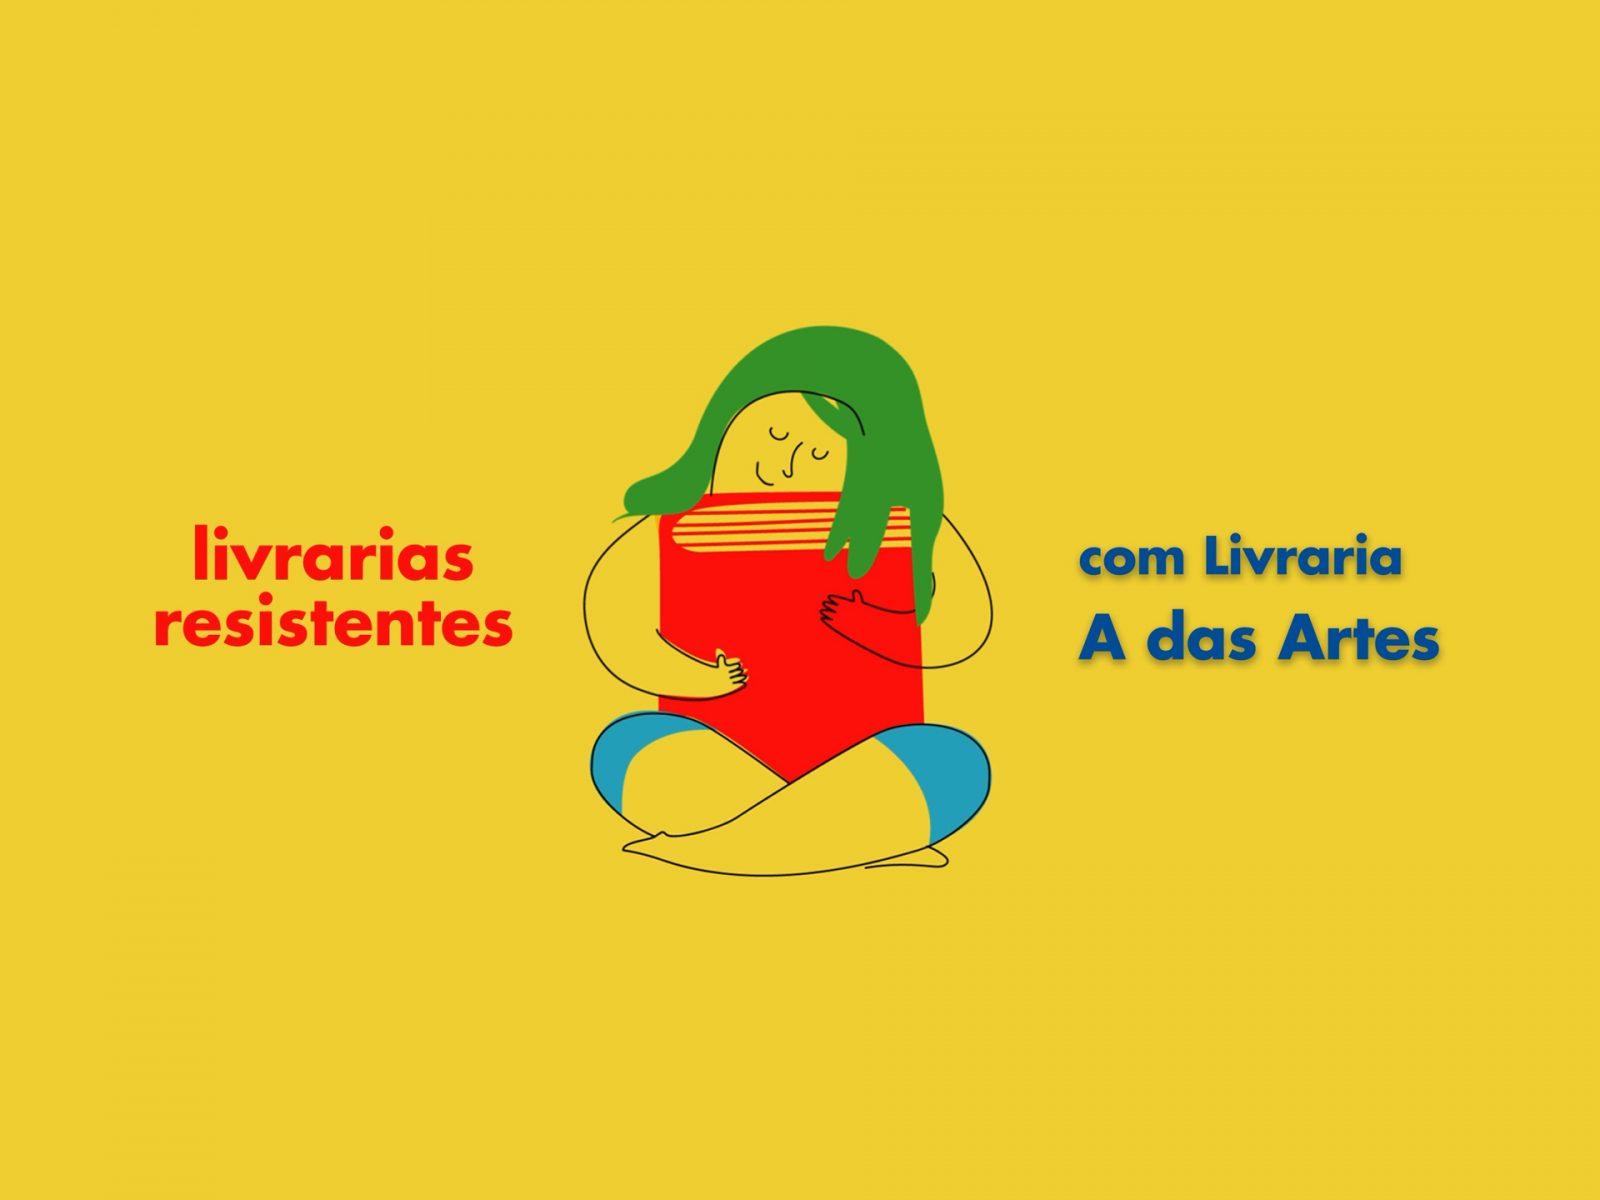 gerador-livrarias-resistentes-a-das-artes